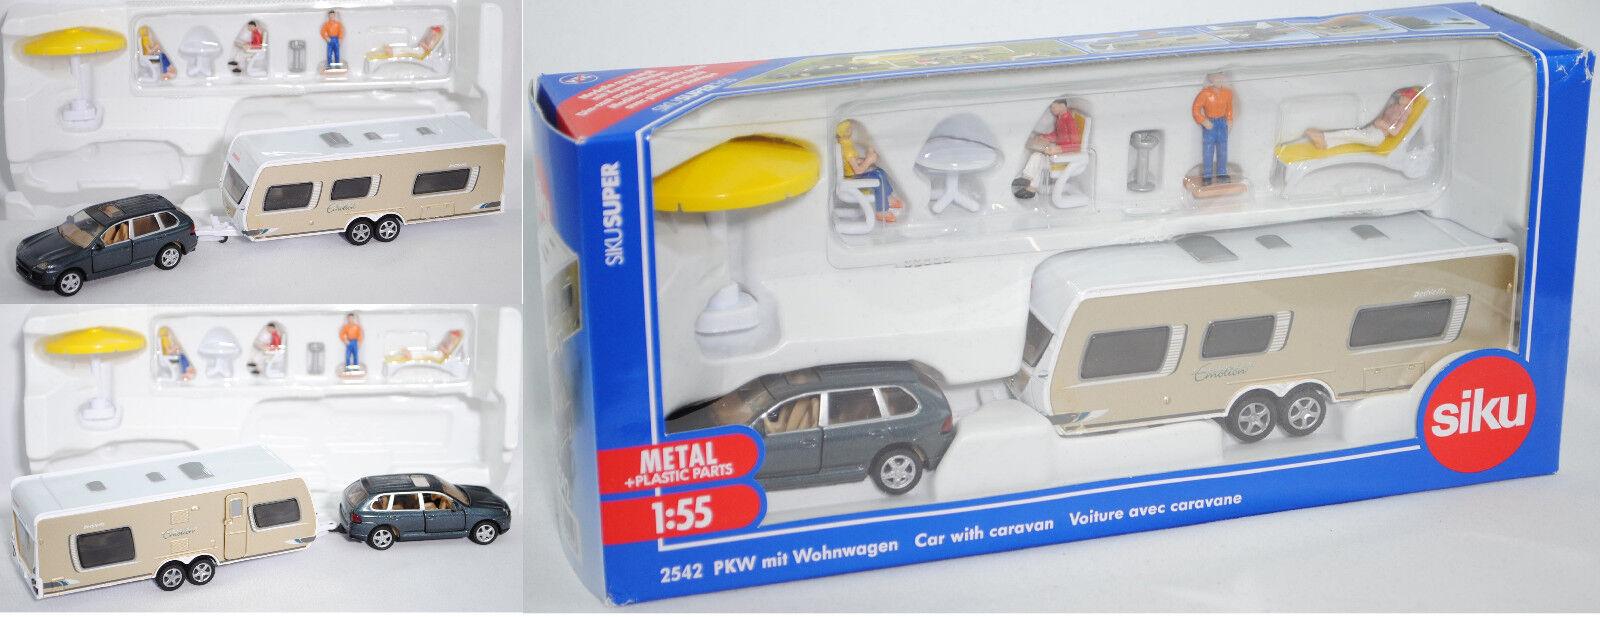 Siku Super 2522 Porsche Cayenne Turbo mit Wohnwagen, ca. 1 57